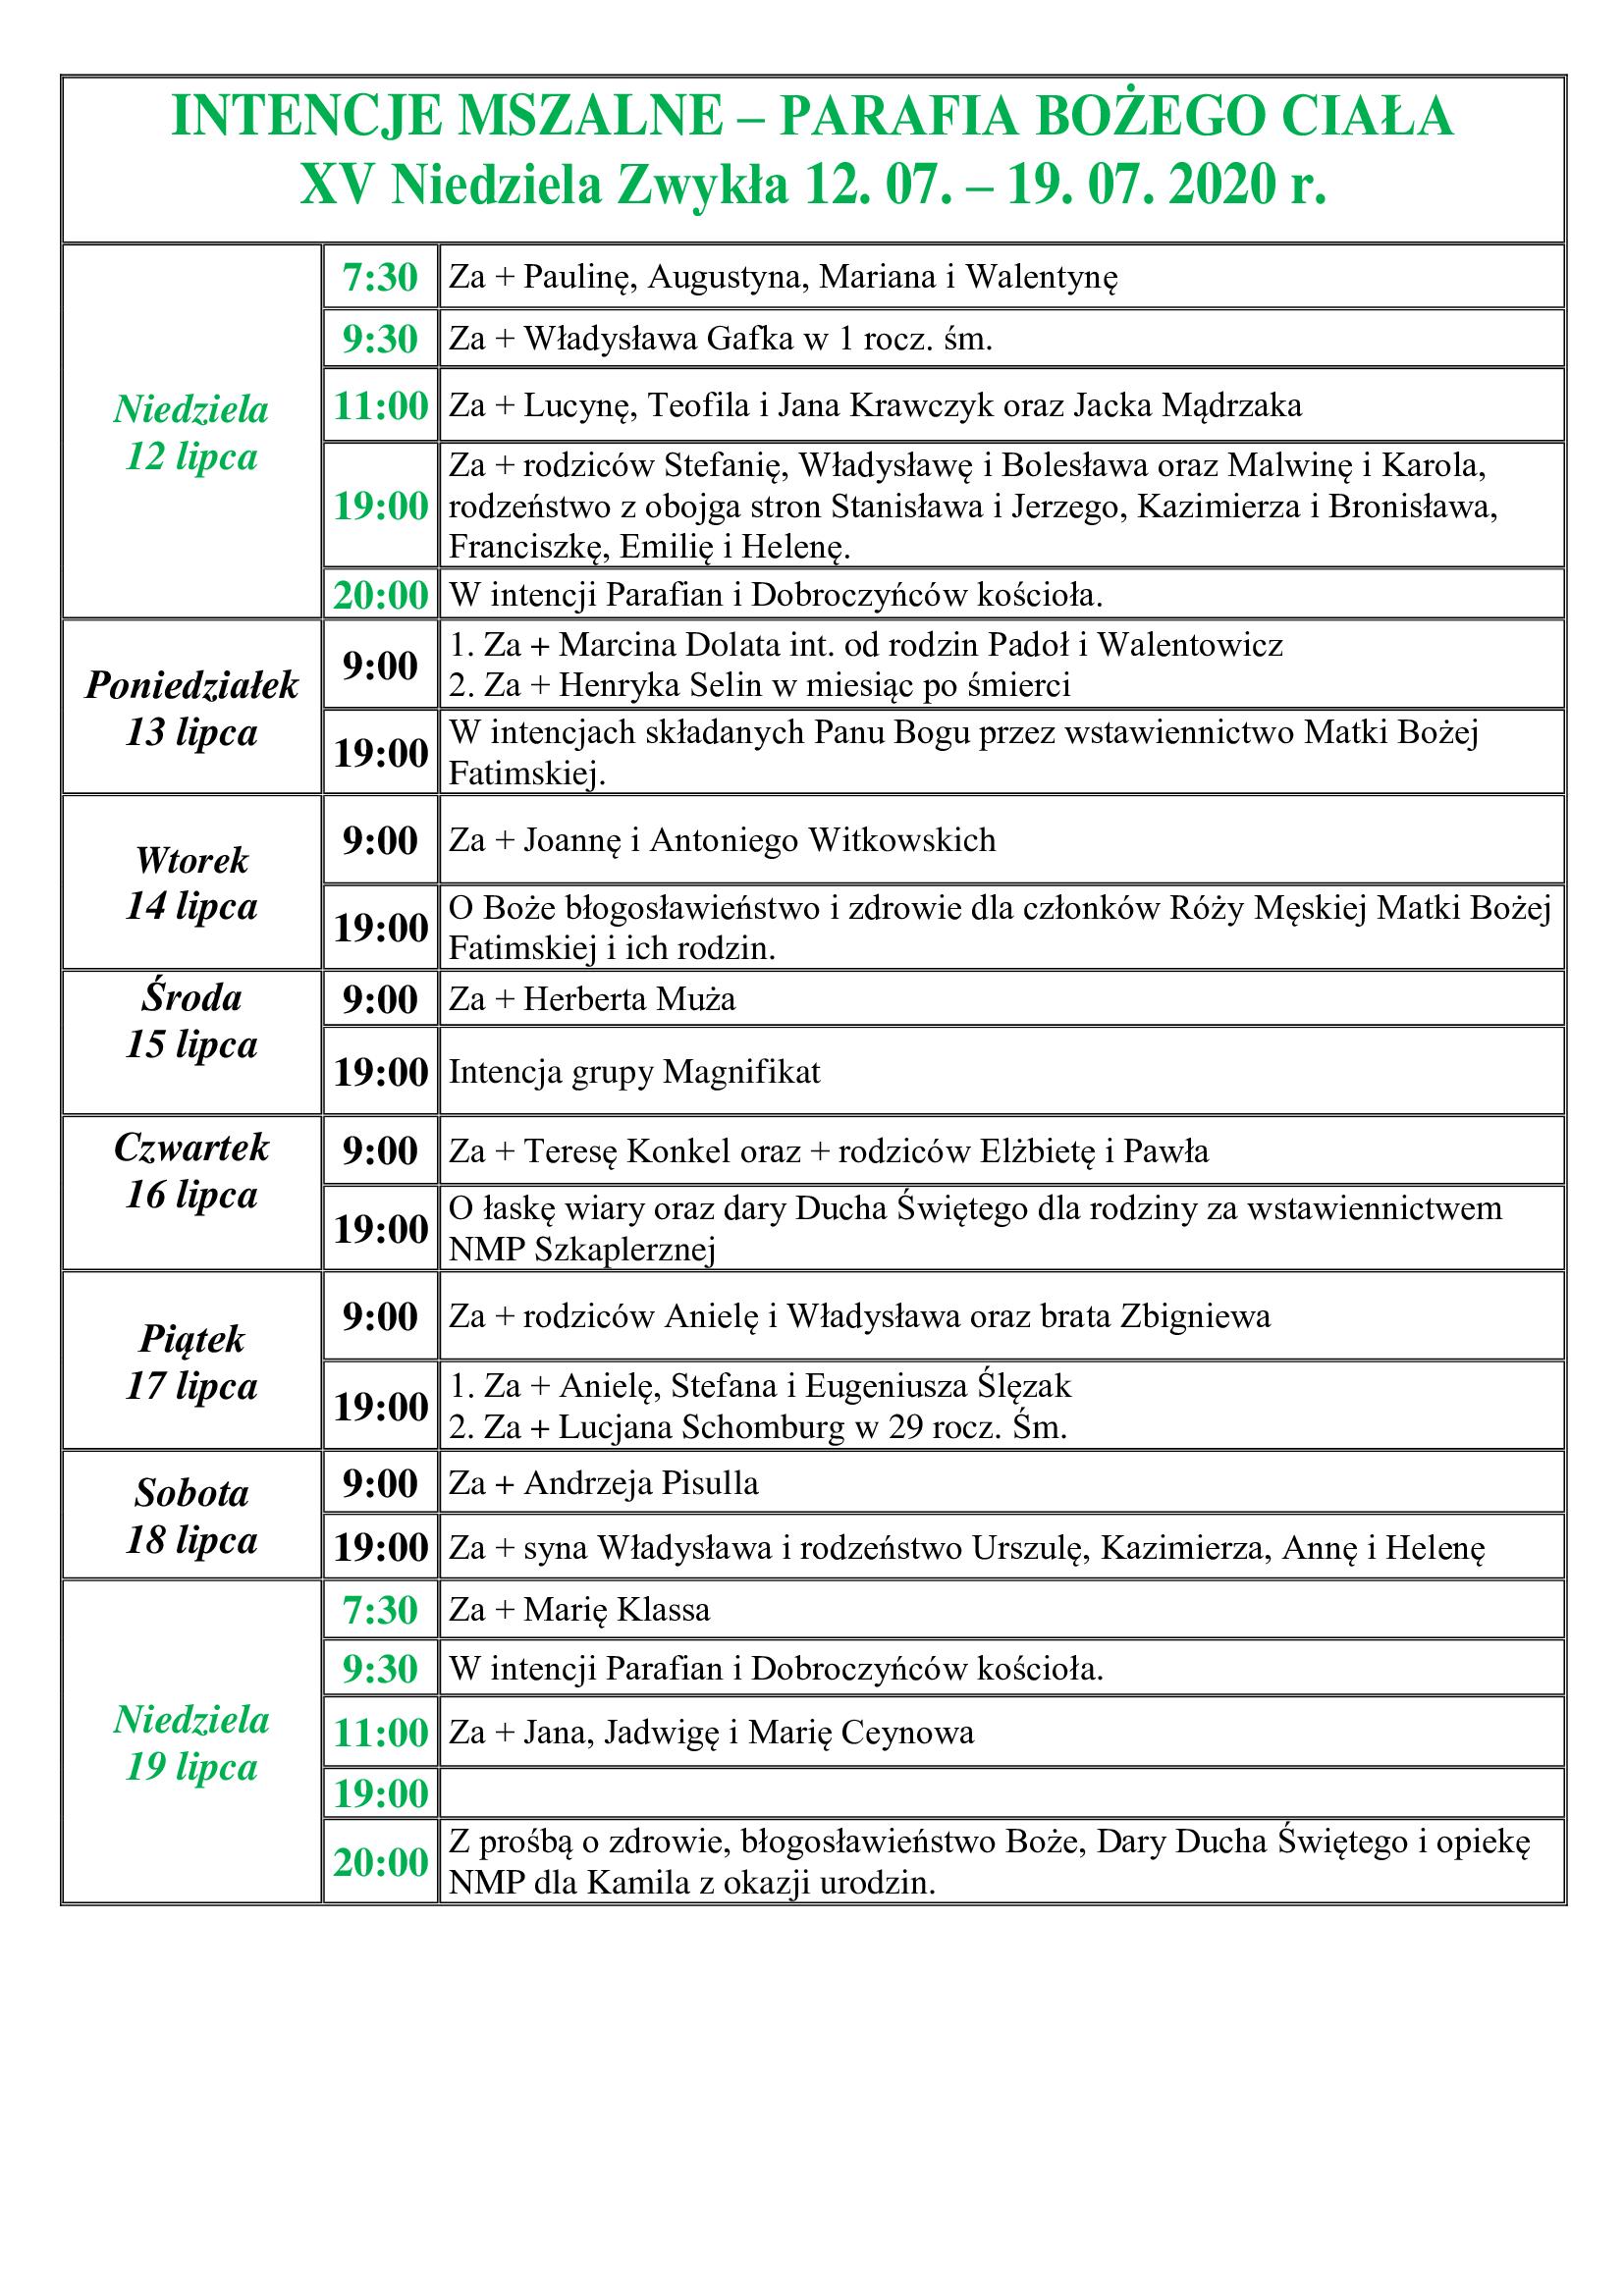 xv-niedziela-zwykla-12-07-19-07-2020-r-1